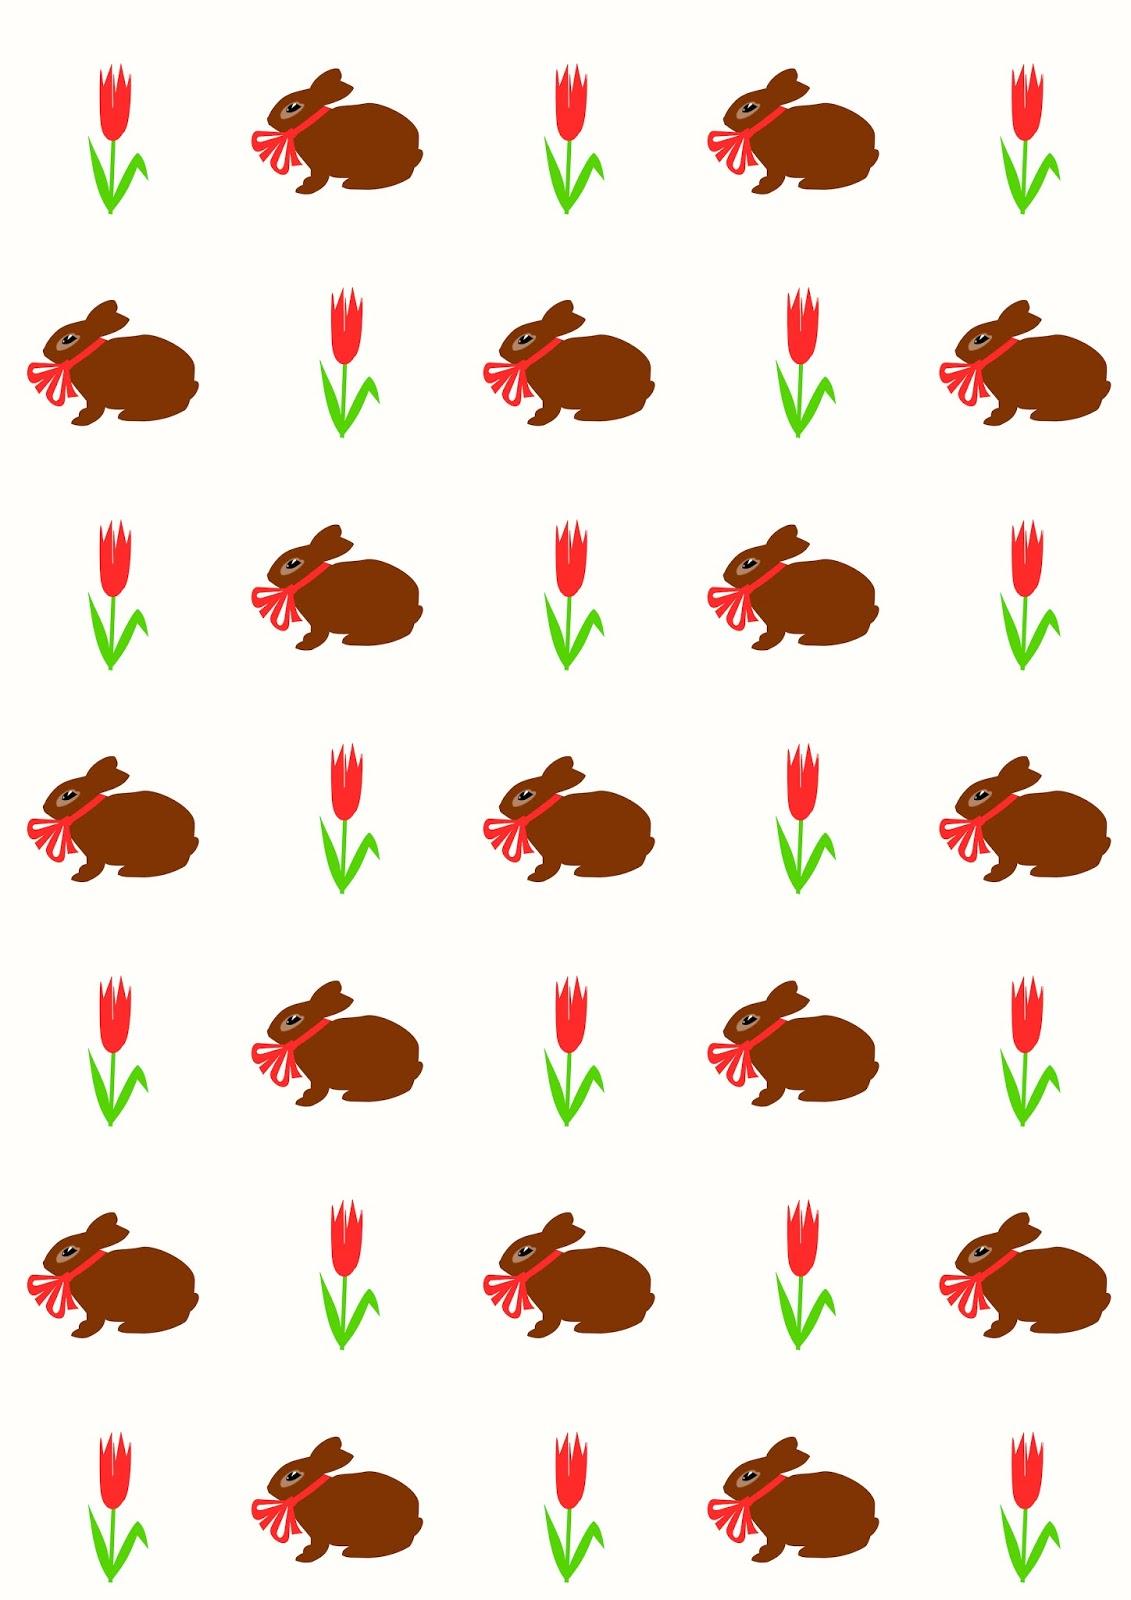 http://2.bp.blogspot.com/-sTq8DMIYzxU/VRBp2IGBiRI/AAAAAAAAicM/0E-GtCjBFIw/s1600/spring_bunny_paper_A4.jpg